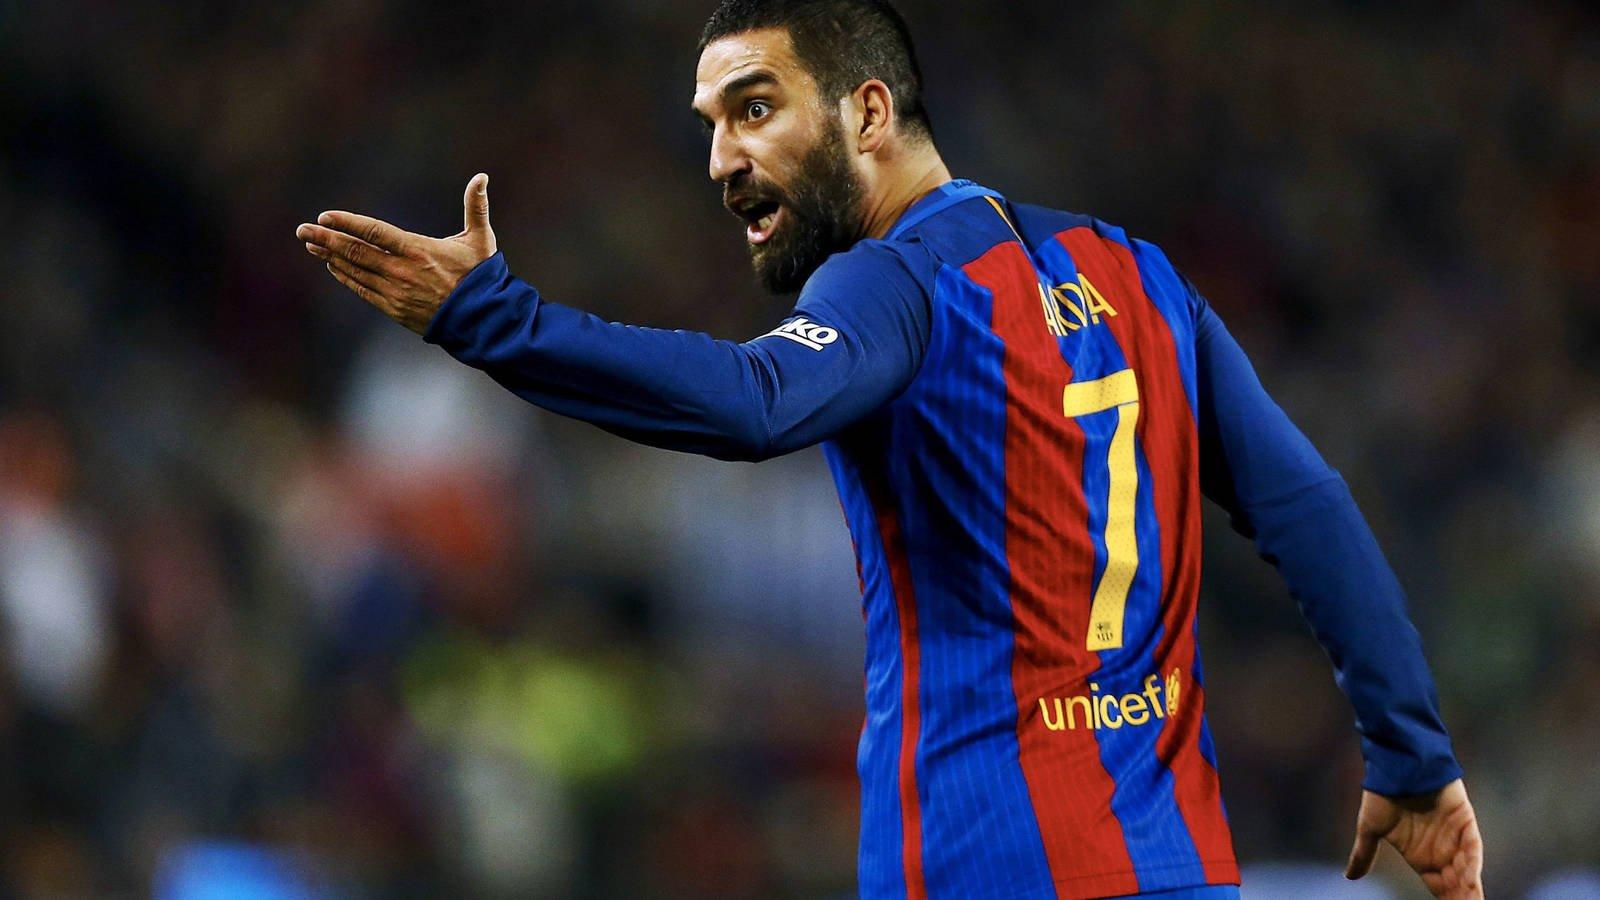 El Barça sólo tiene un jugador que finaliza contrato el 30 de junio: Arda Turan - Bóng Đá